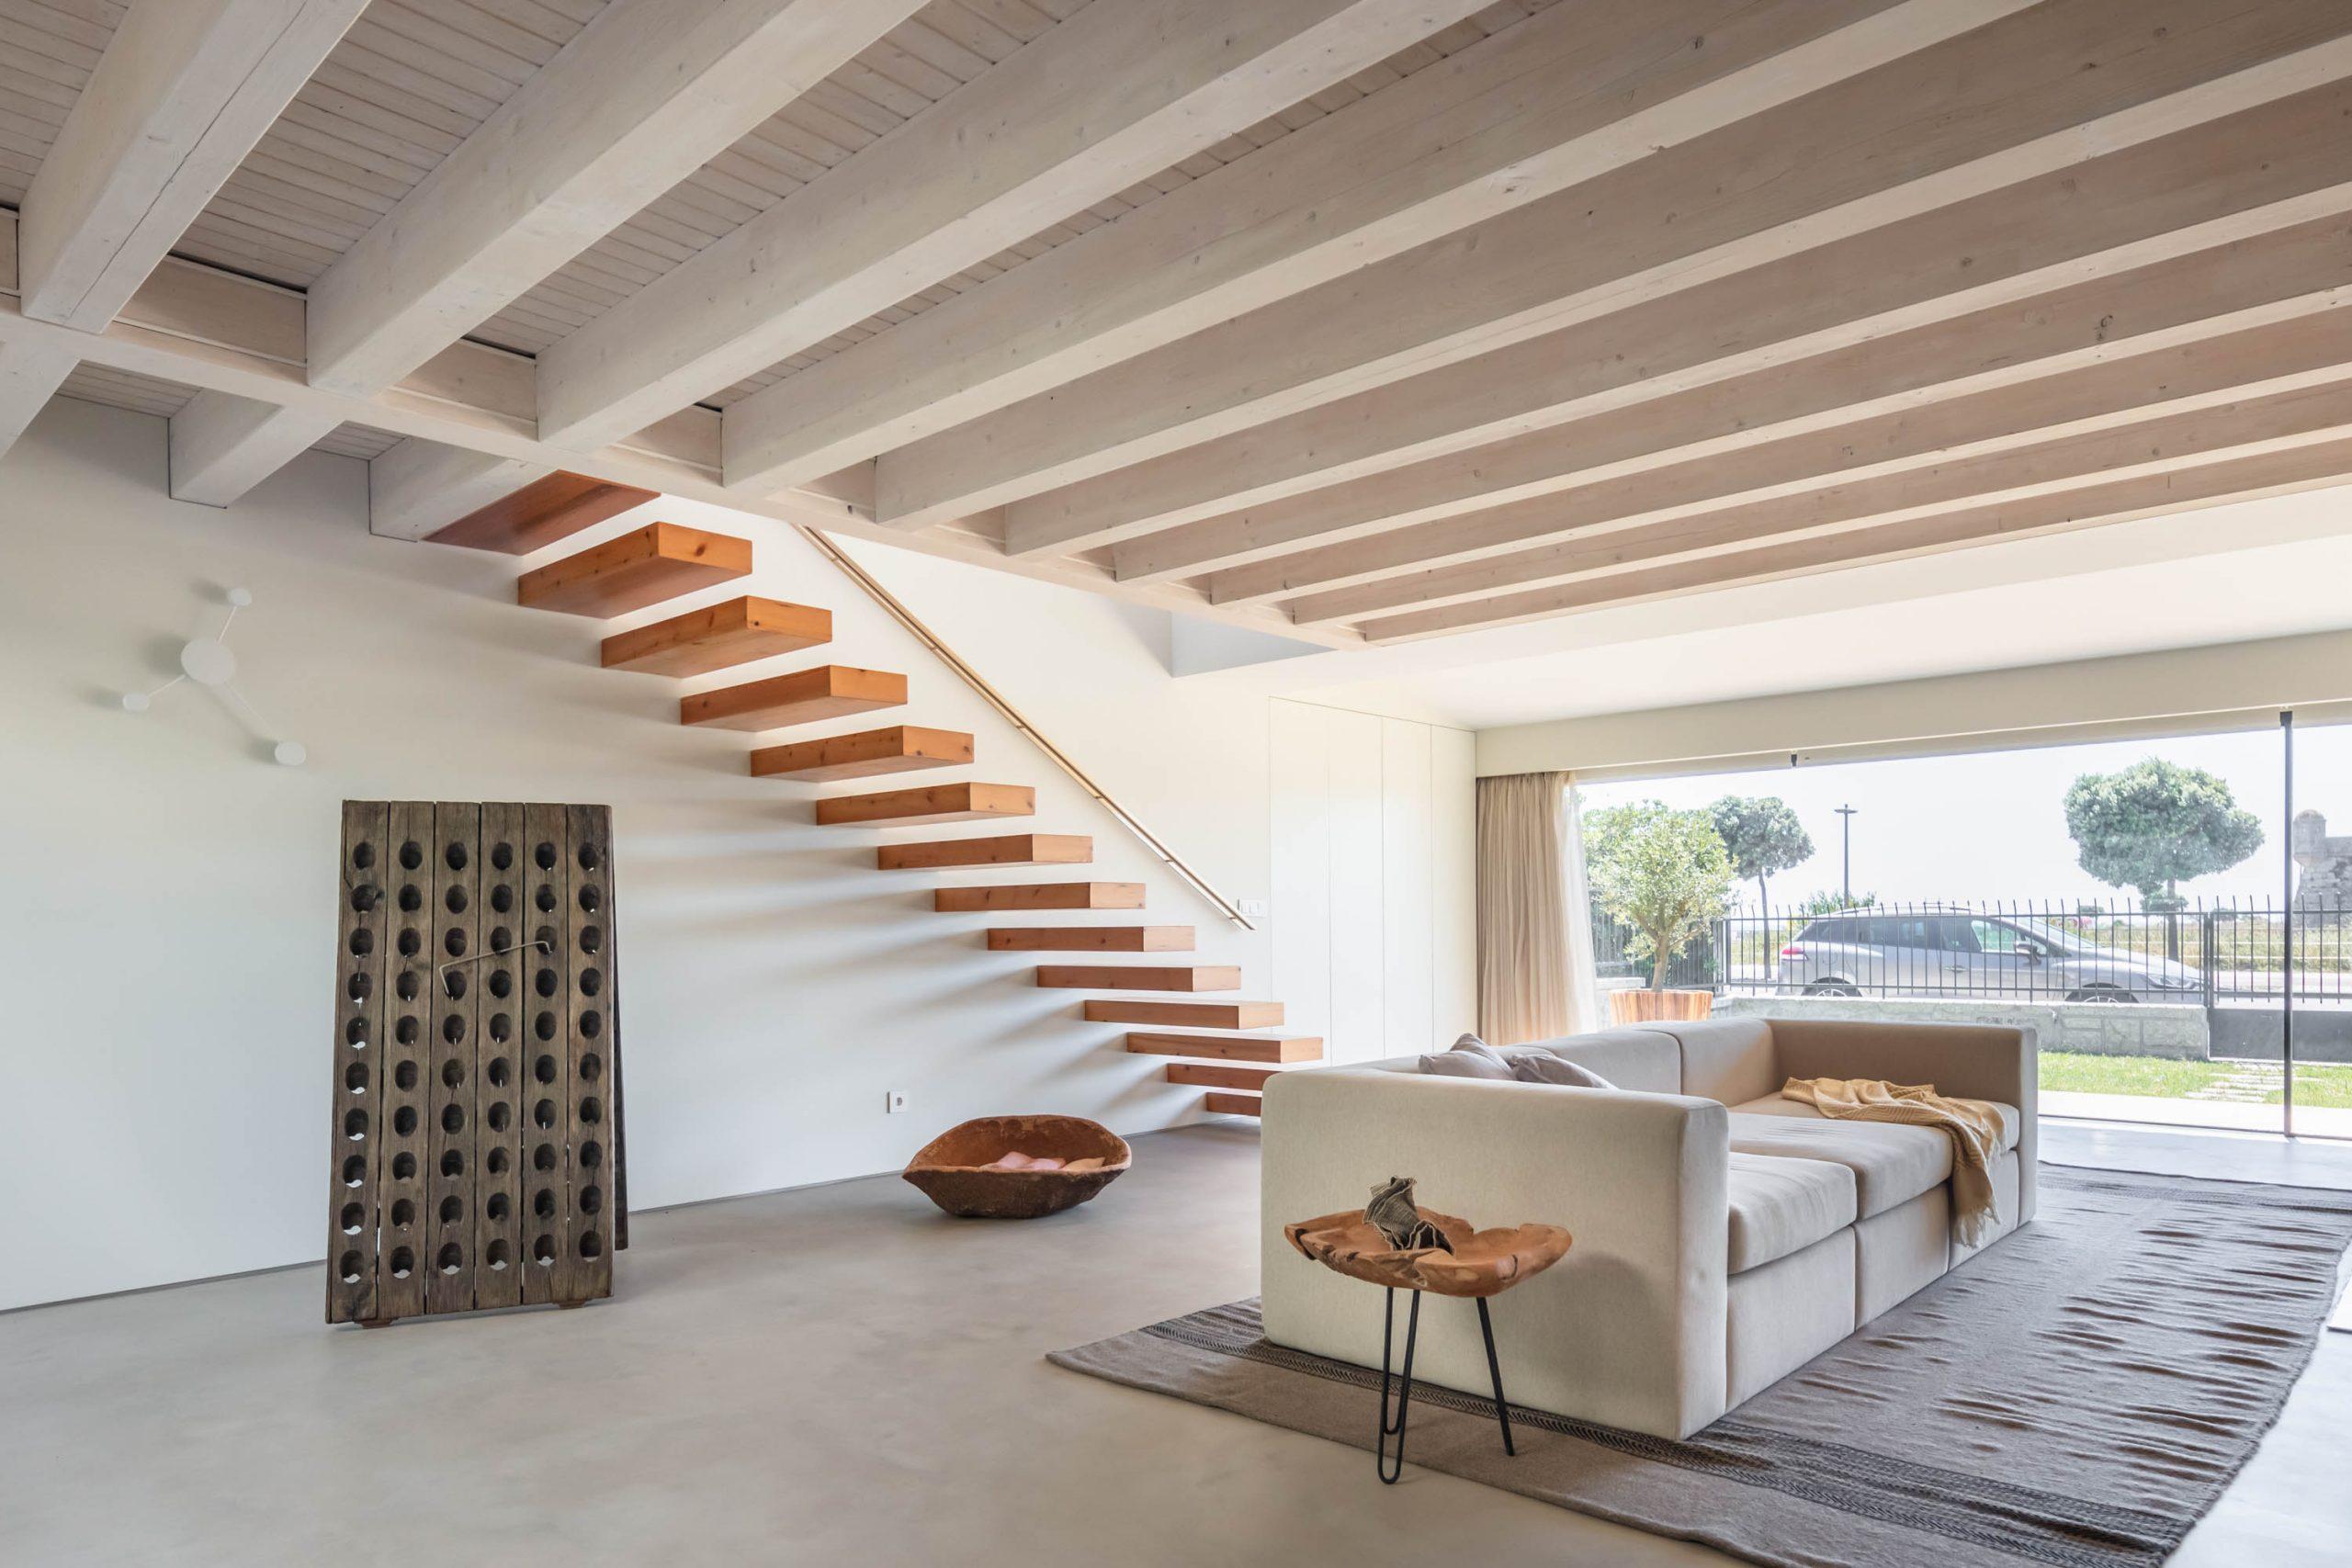 Moderná obývačka s bielym gaučom a otvorenou fasádou